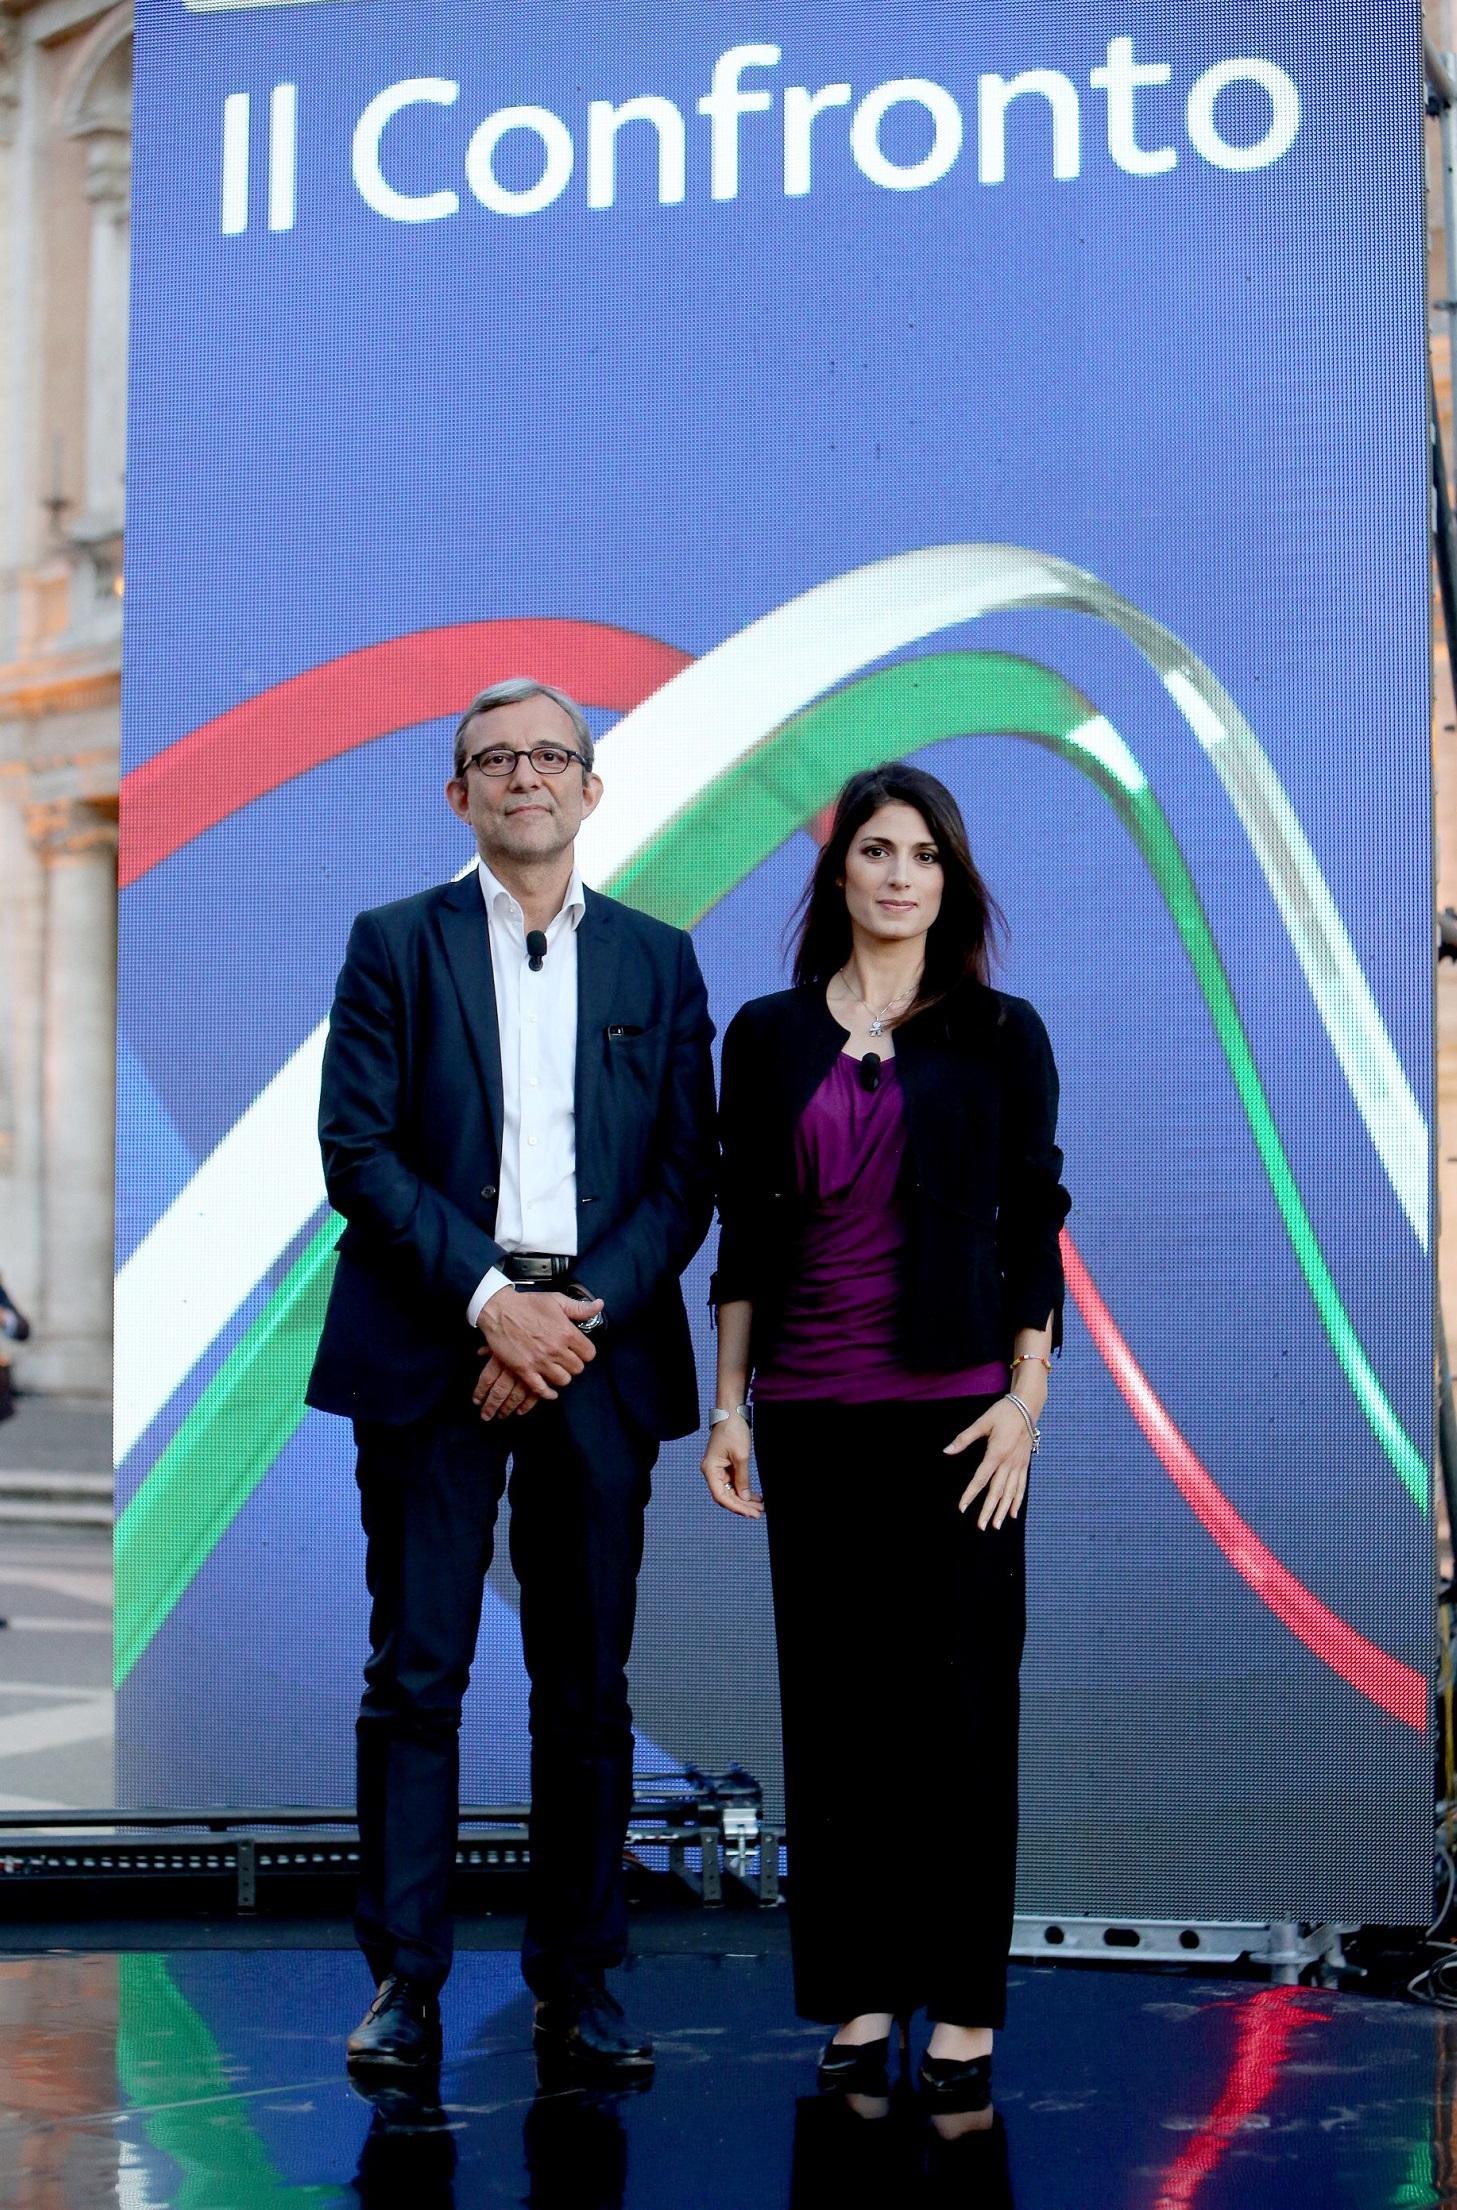 Roberto Giachetti du PD et Virginia Raggi, du M5S, candidats à la mairie de Rome, lors de leur débat à Rome, le 15 juin 2016. (AGF/SIPA)